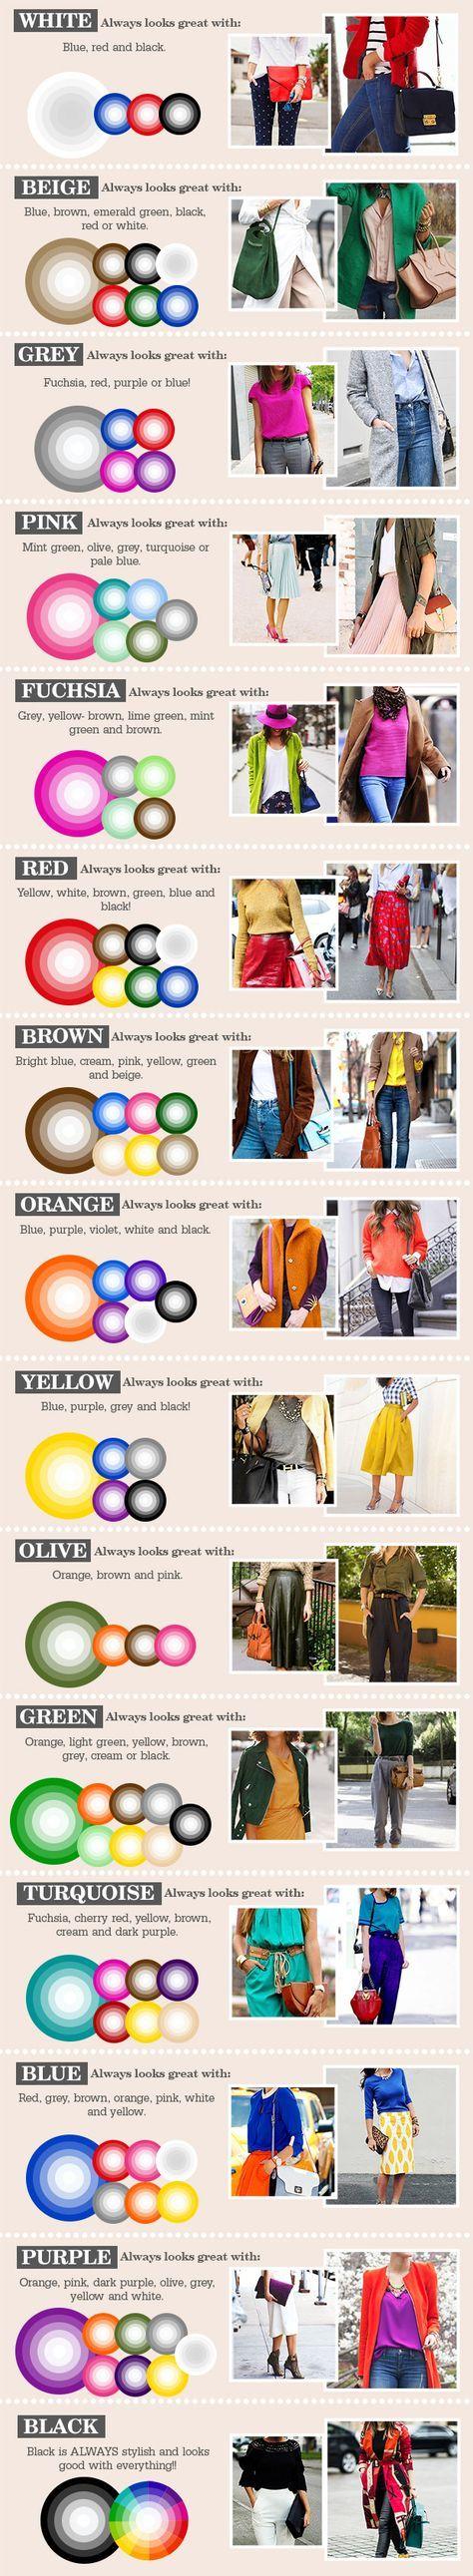 Farbkombinationen für Kleidung